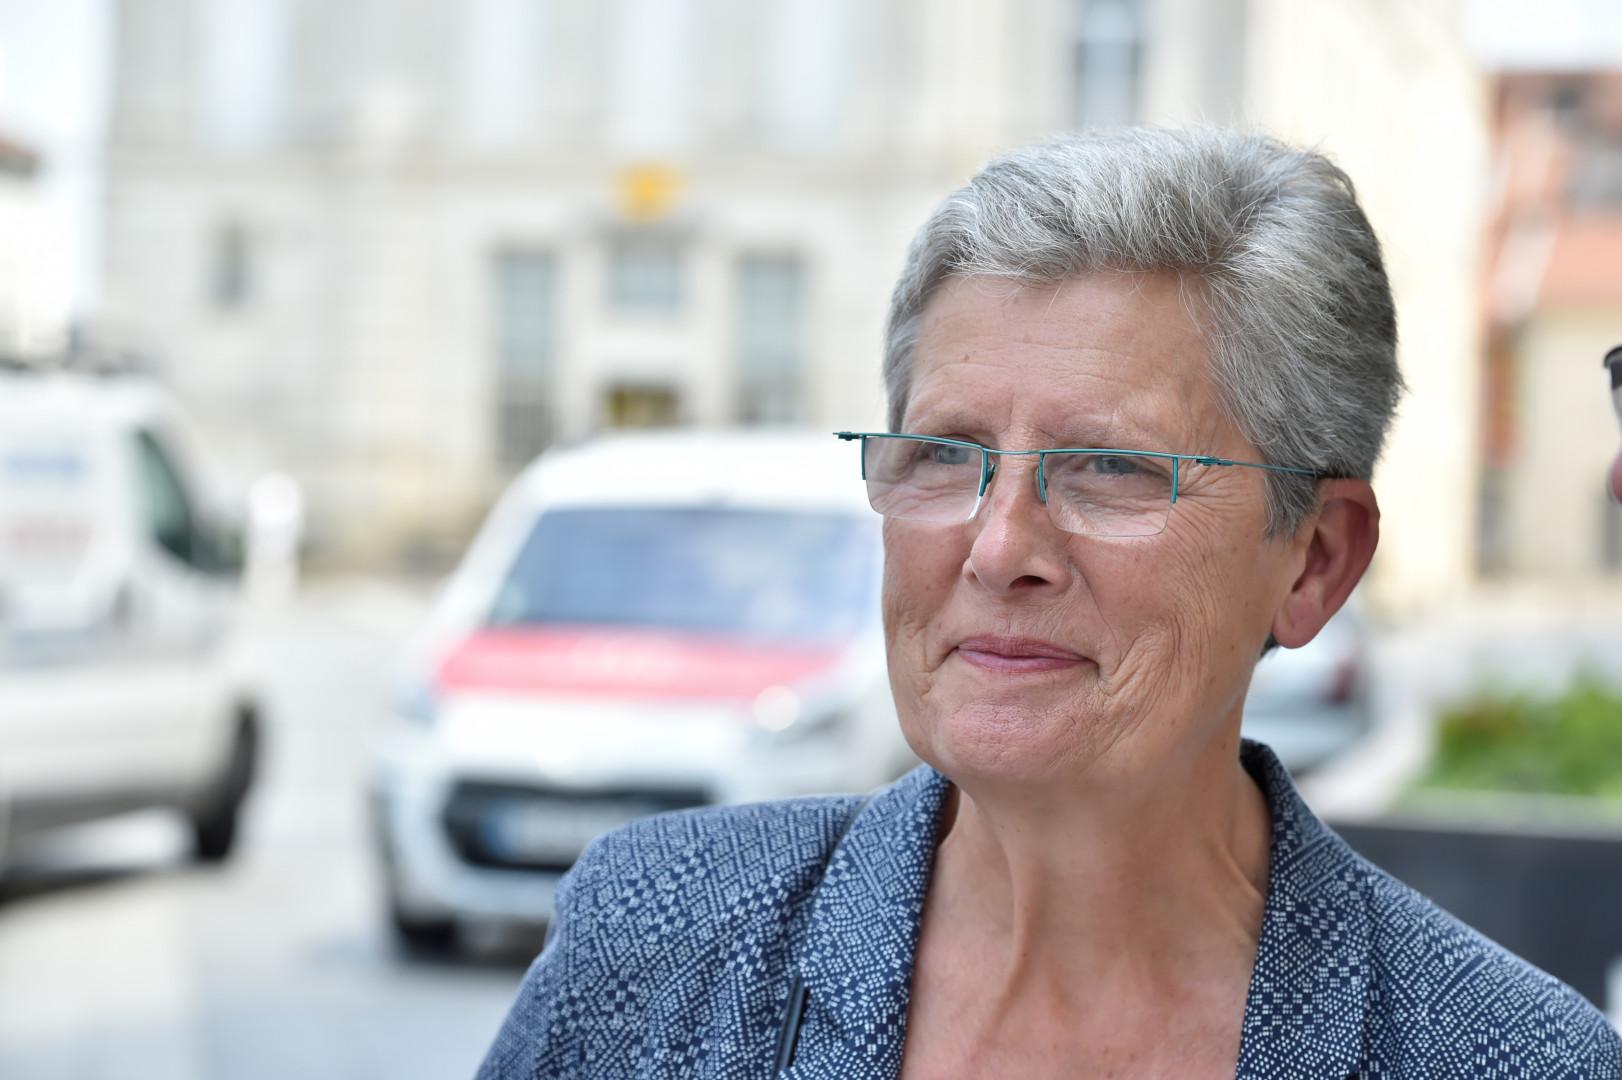 Geneviève DARRIEUSSECQ, ministre déléguée chargée de la Mémoire et des Anciens combattants (MoDem). Médecin de profession, Geneviève Darrieussecq a exercicé plusieurs mandats locaux avant d'être élu députée en 2017.